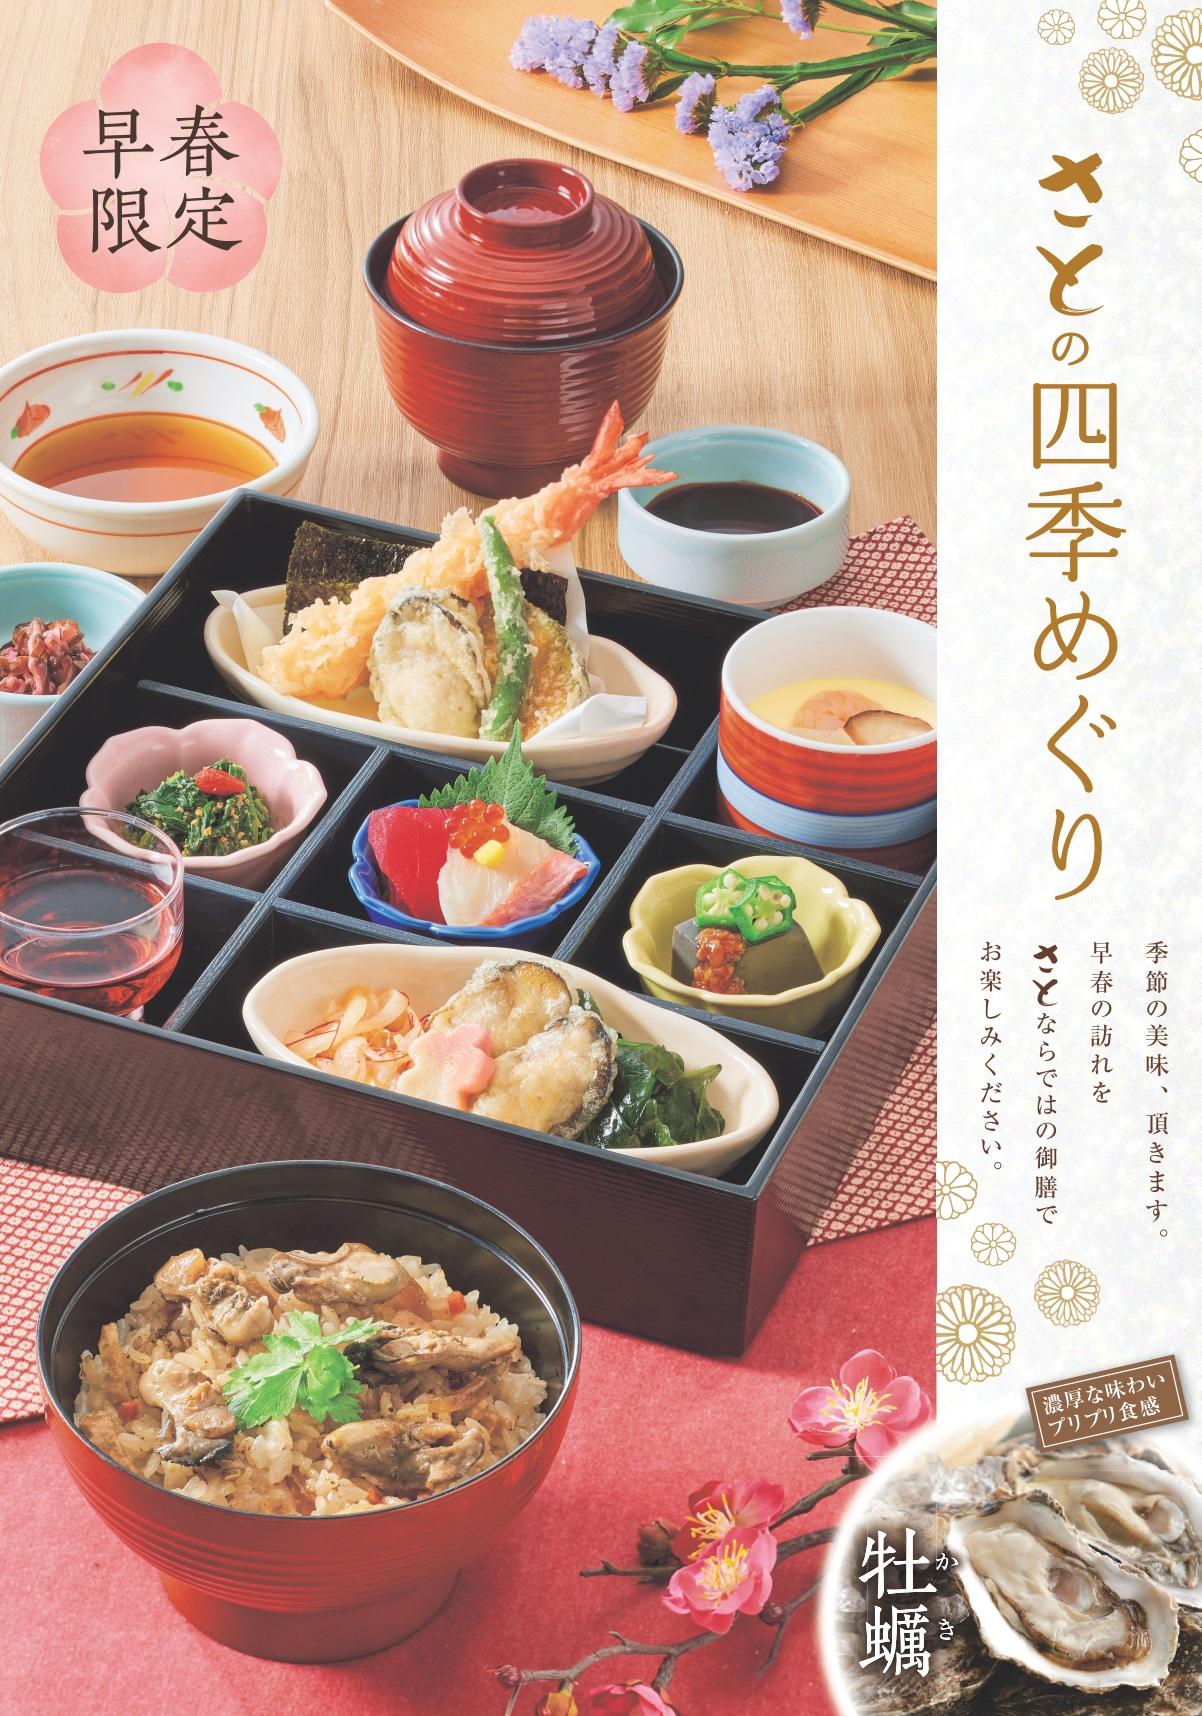 和食さと 旬の味覚『牡蠣』『金目鯛』など 季節限定メニューが始まりました!!